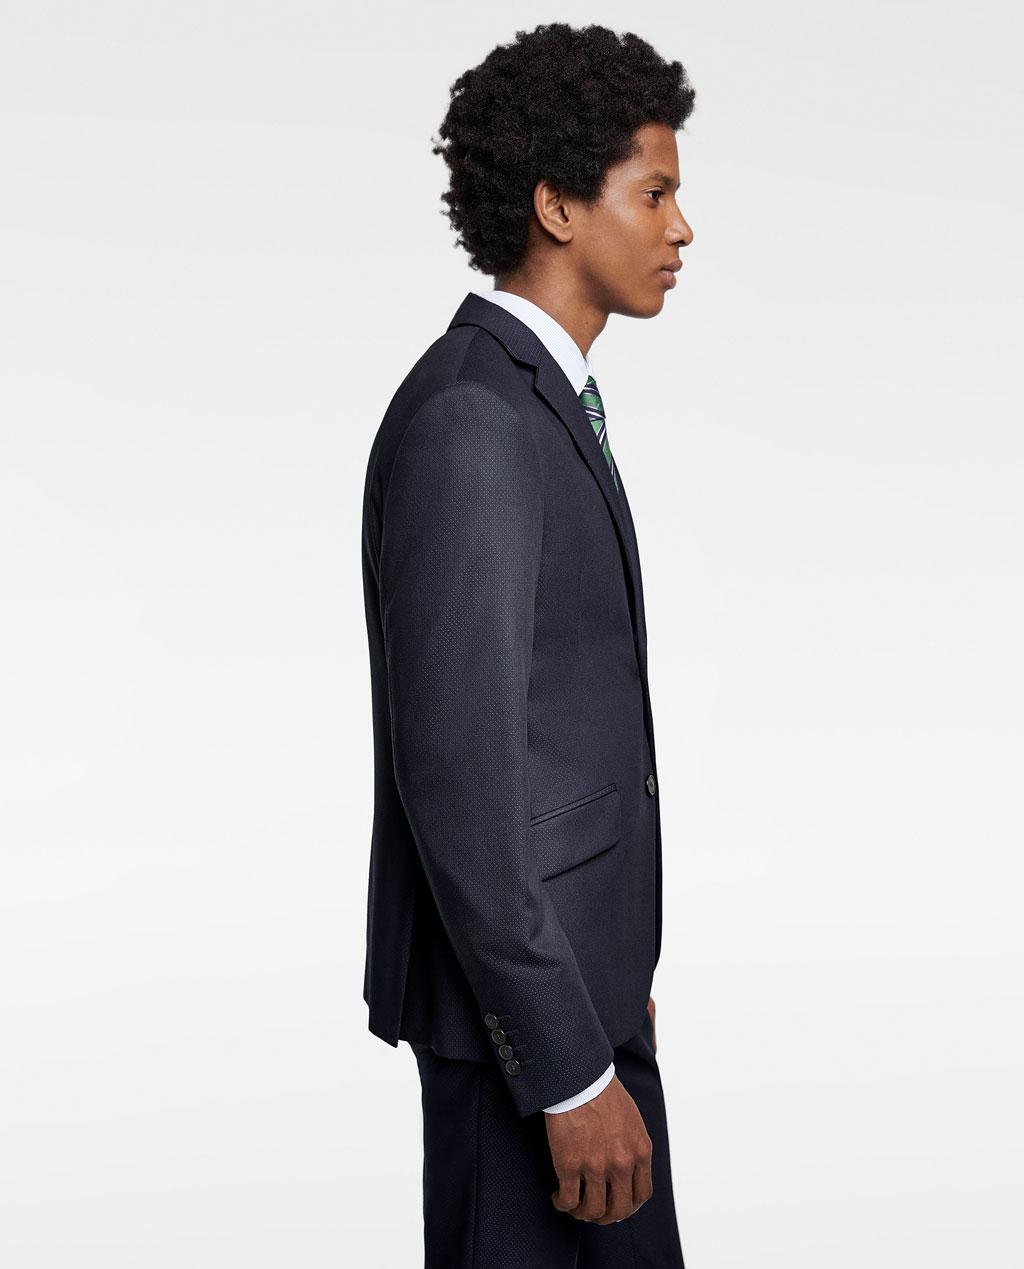 Thời trang nam Zara  24082 - ảnh 8